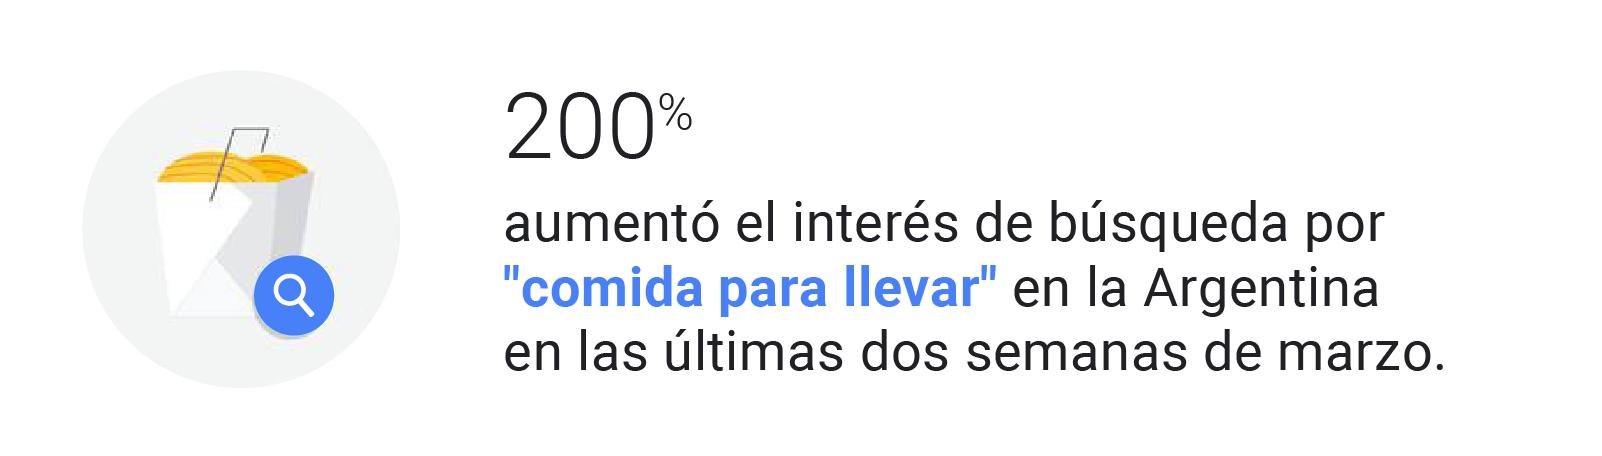 """Ilustración de un paquete blanco con comida para llevar y un ícono de búsqueda azul superpuesto a la imagen. Estadística: +200% aumentó el interés en las búsquedas de """"comida para llevar"""" en Argentina en las últimas dos semanas de marzo."""